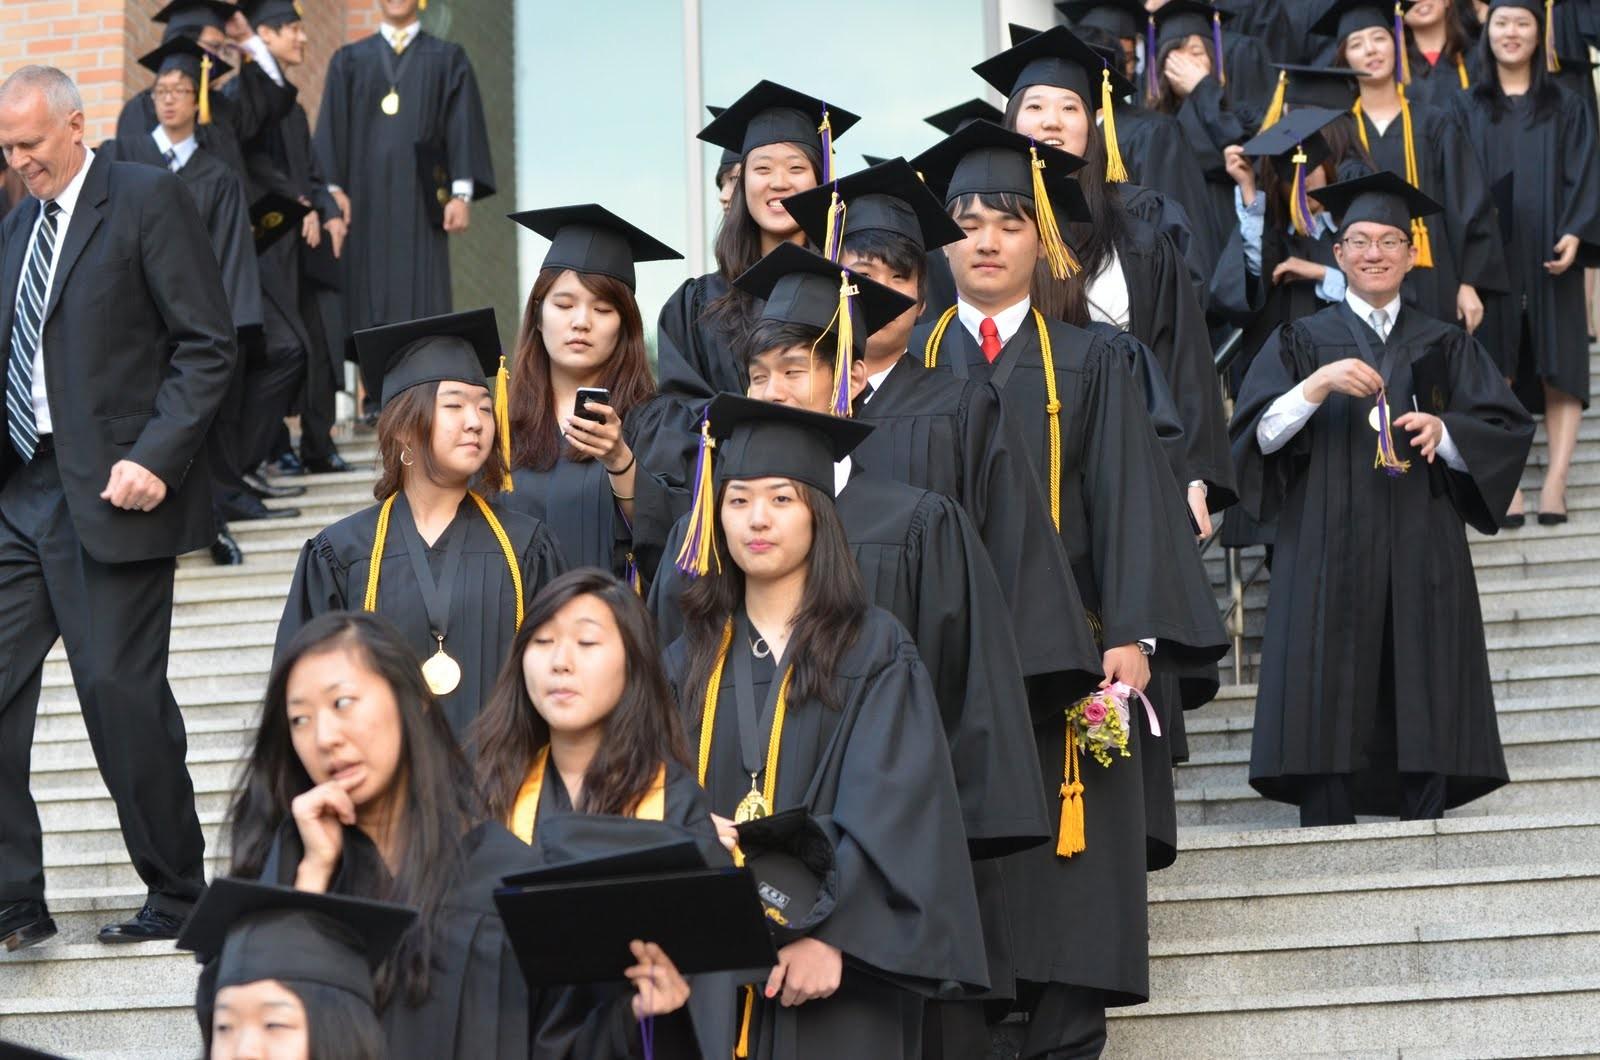 韓國大學生畢業後賴著不走…「應屆較有行情啊!」(圖/翻攝自網路)